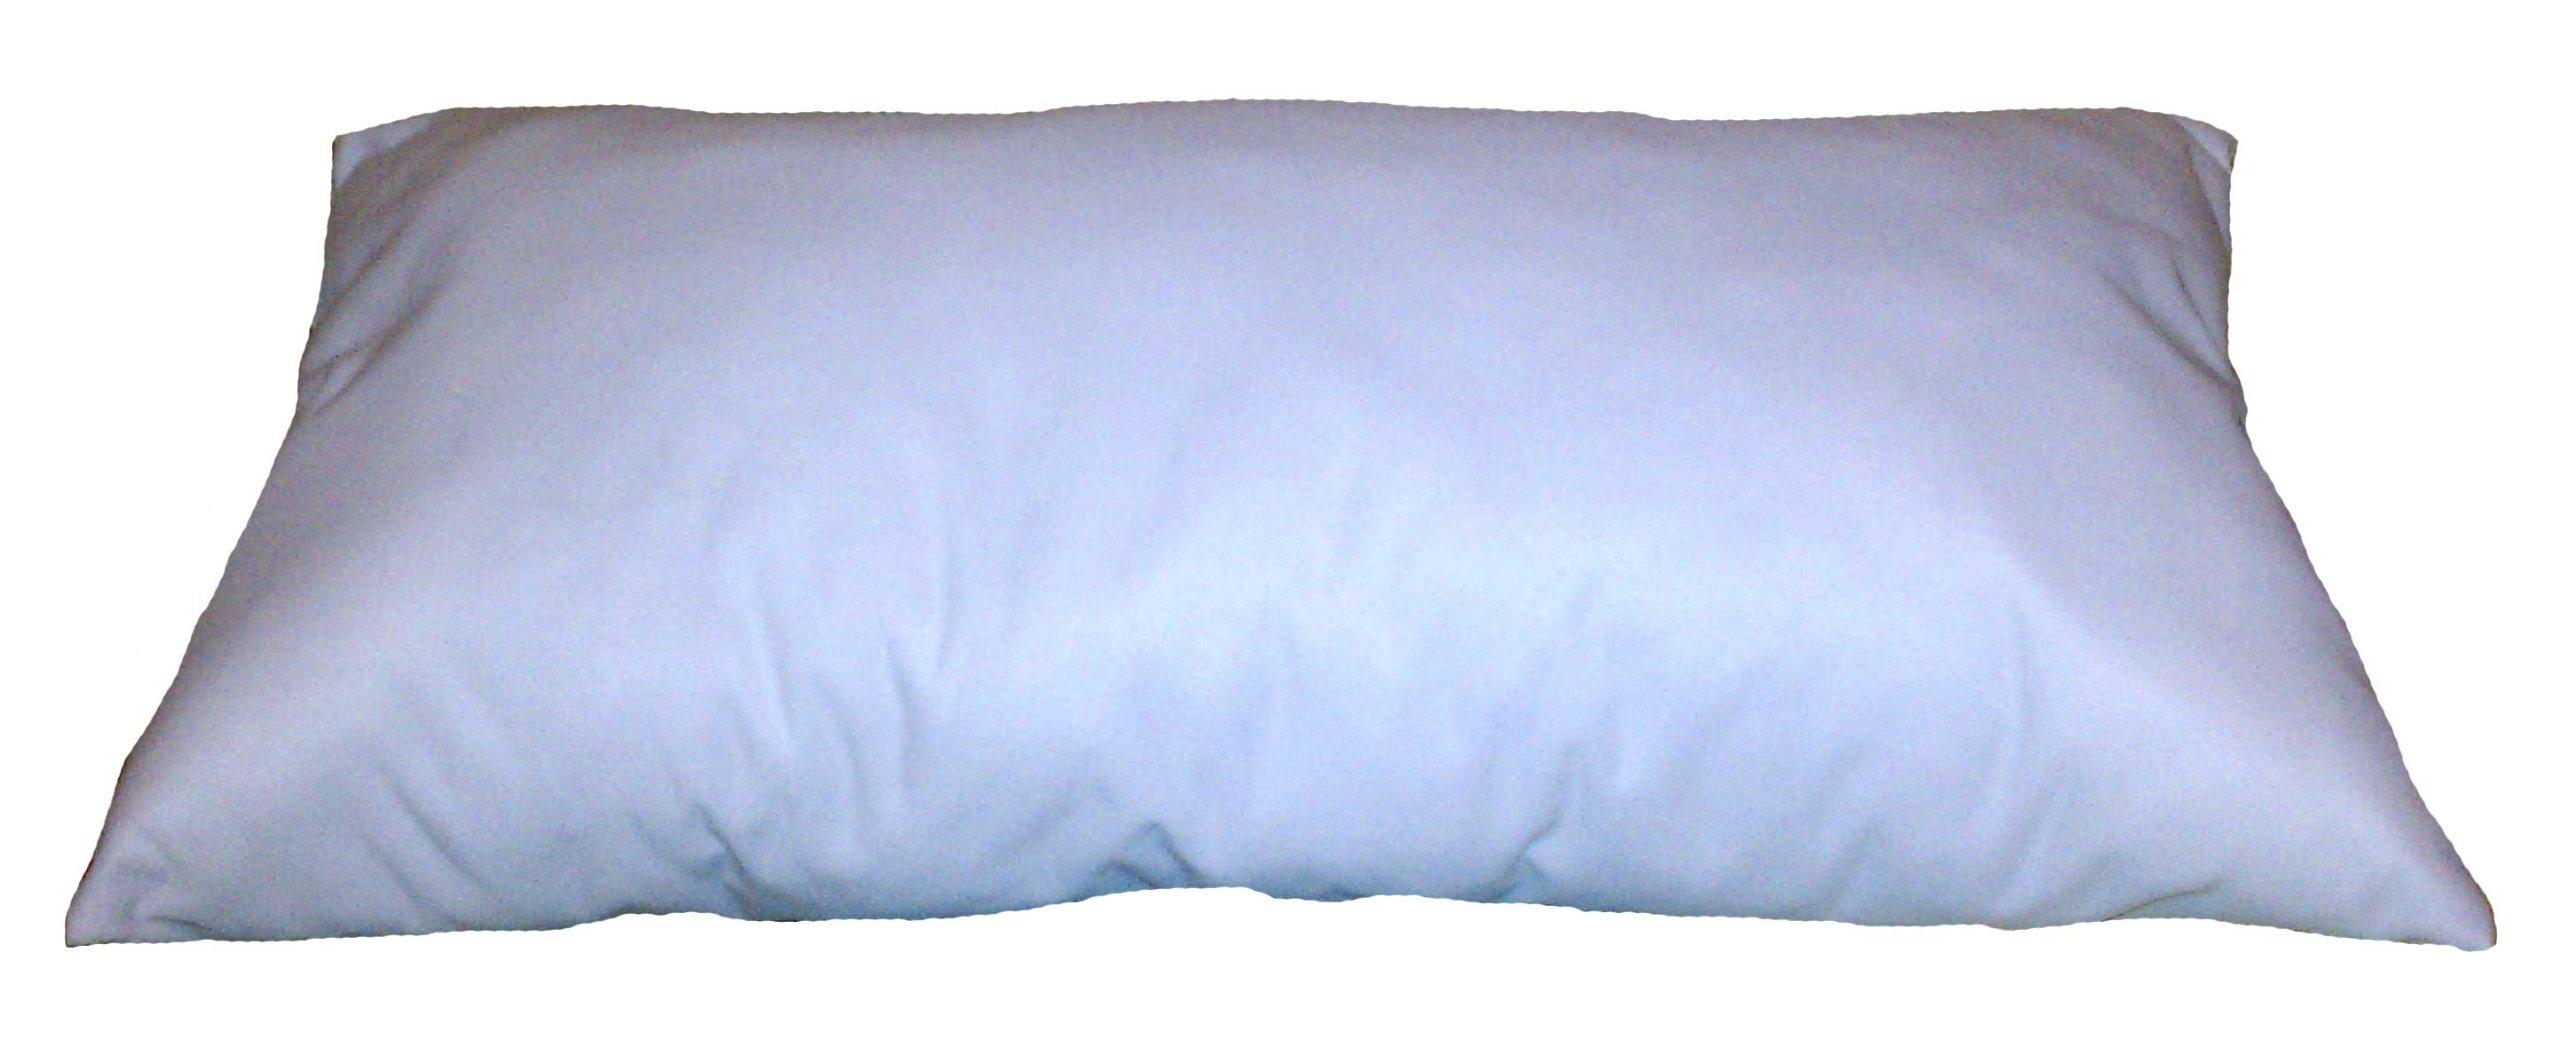 19x35 Inch Rectangular Throw Pillow Insert Form